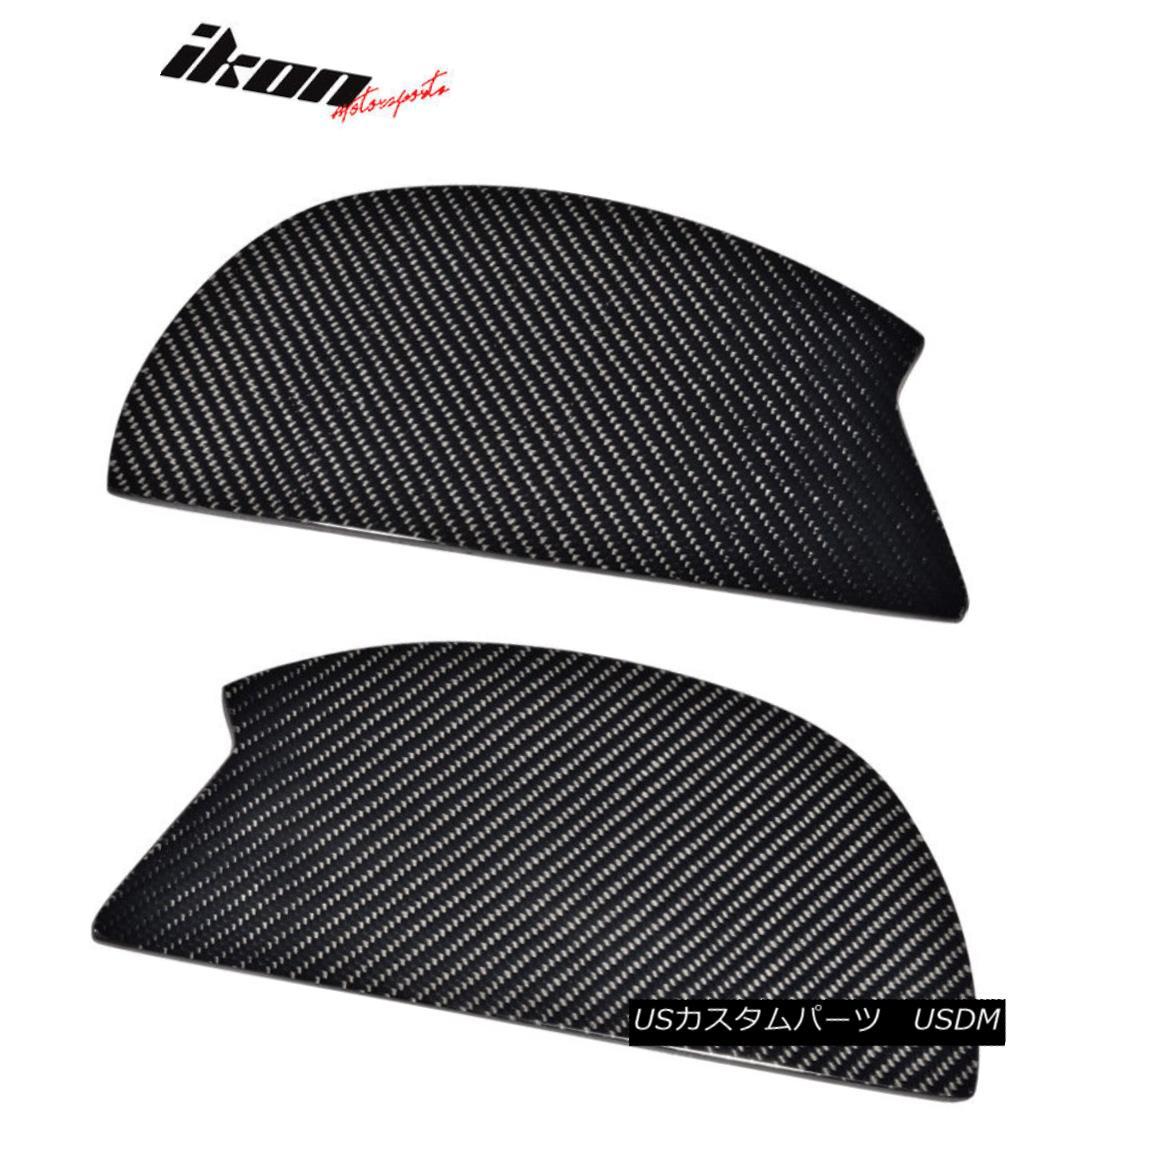 エアロパーツ V3 Universal GT Trunk Spoiler Wing Side Plate Add On- Carbon Fiber CF V3ユニバーサルGTトランク・スポイラーウイングサイド・プレートにカーボンファイバーCFを追加